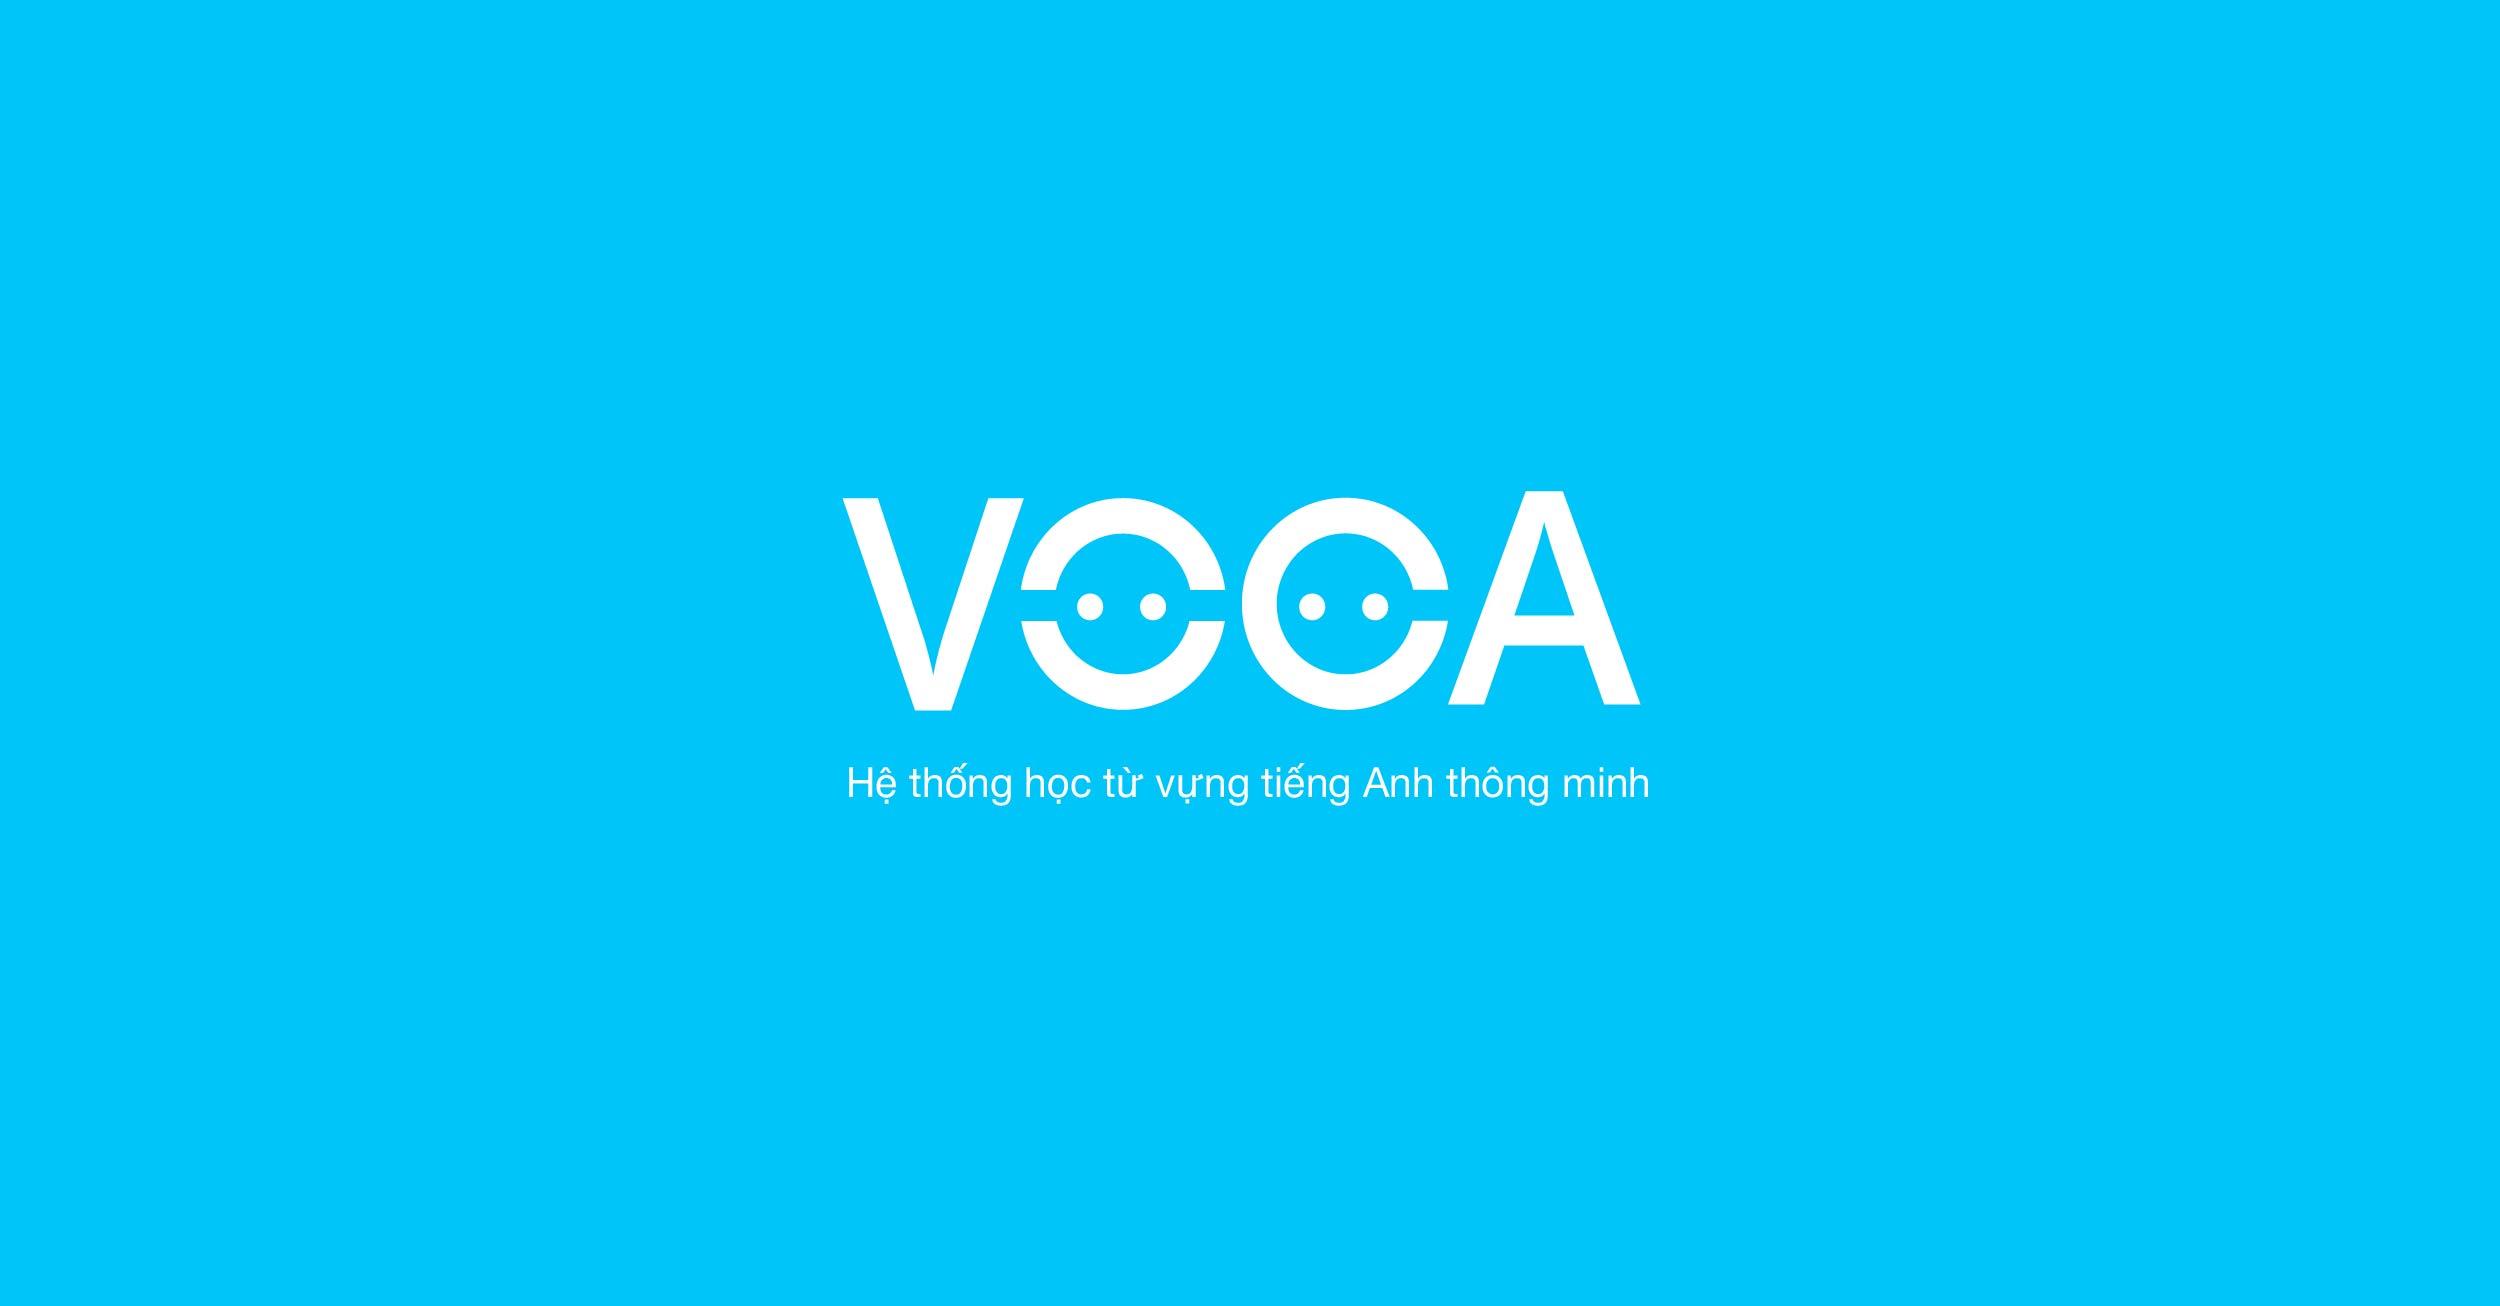 Phương pháp học từ vựng tiếng Anh cùng VOCA